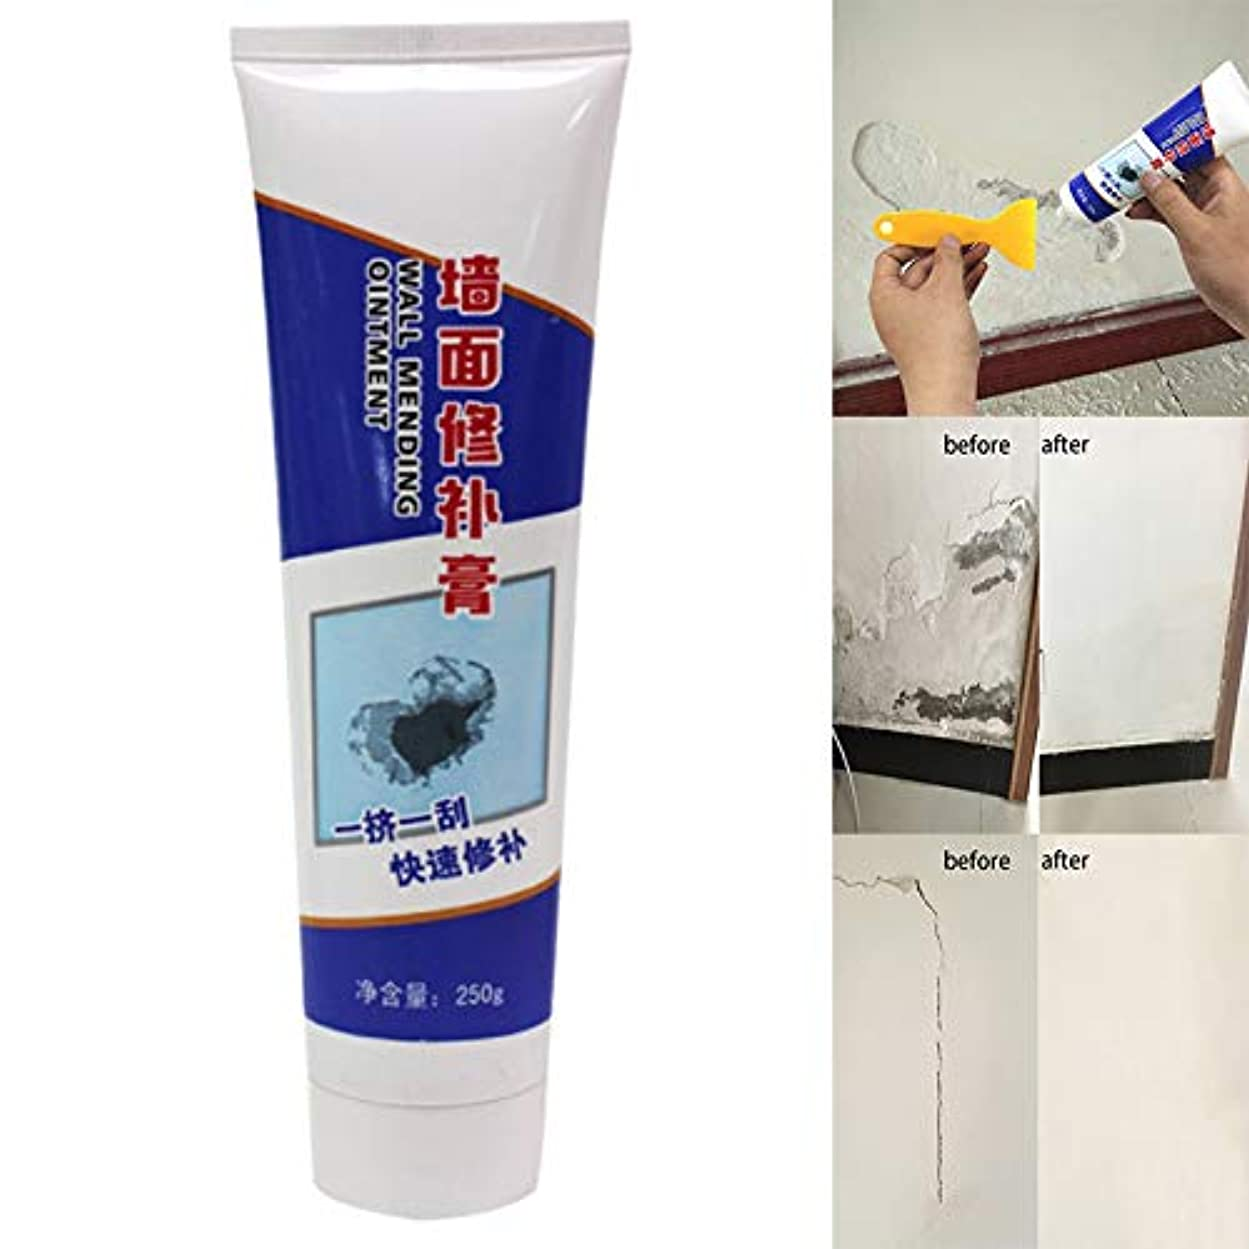 賭け航空会社噛むAylincool壁修理クリーム、壁亀裂修理クリーム、ラテックスペースト防水非腐食性ホルムアルデヒドペーストラテックス